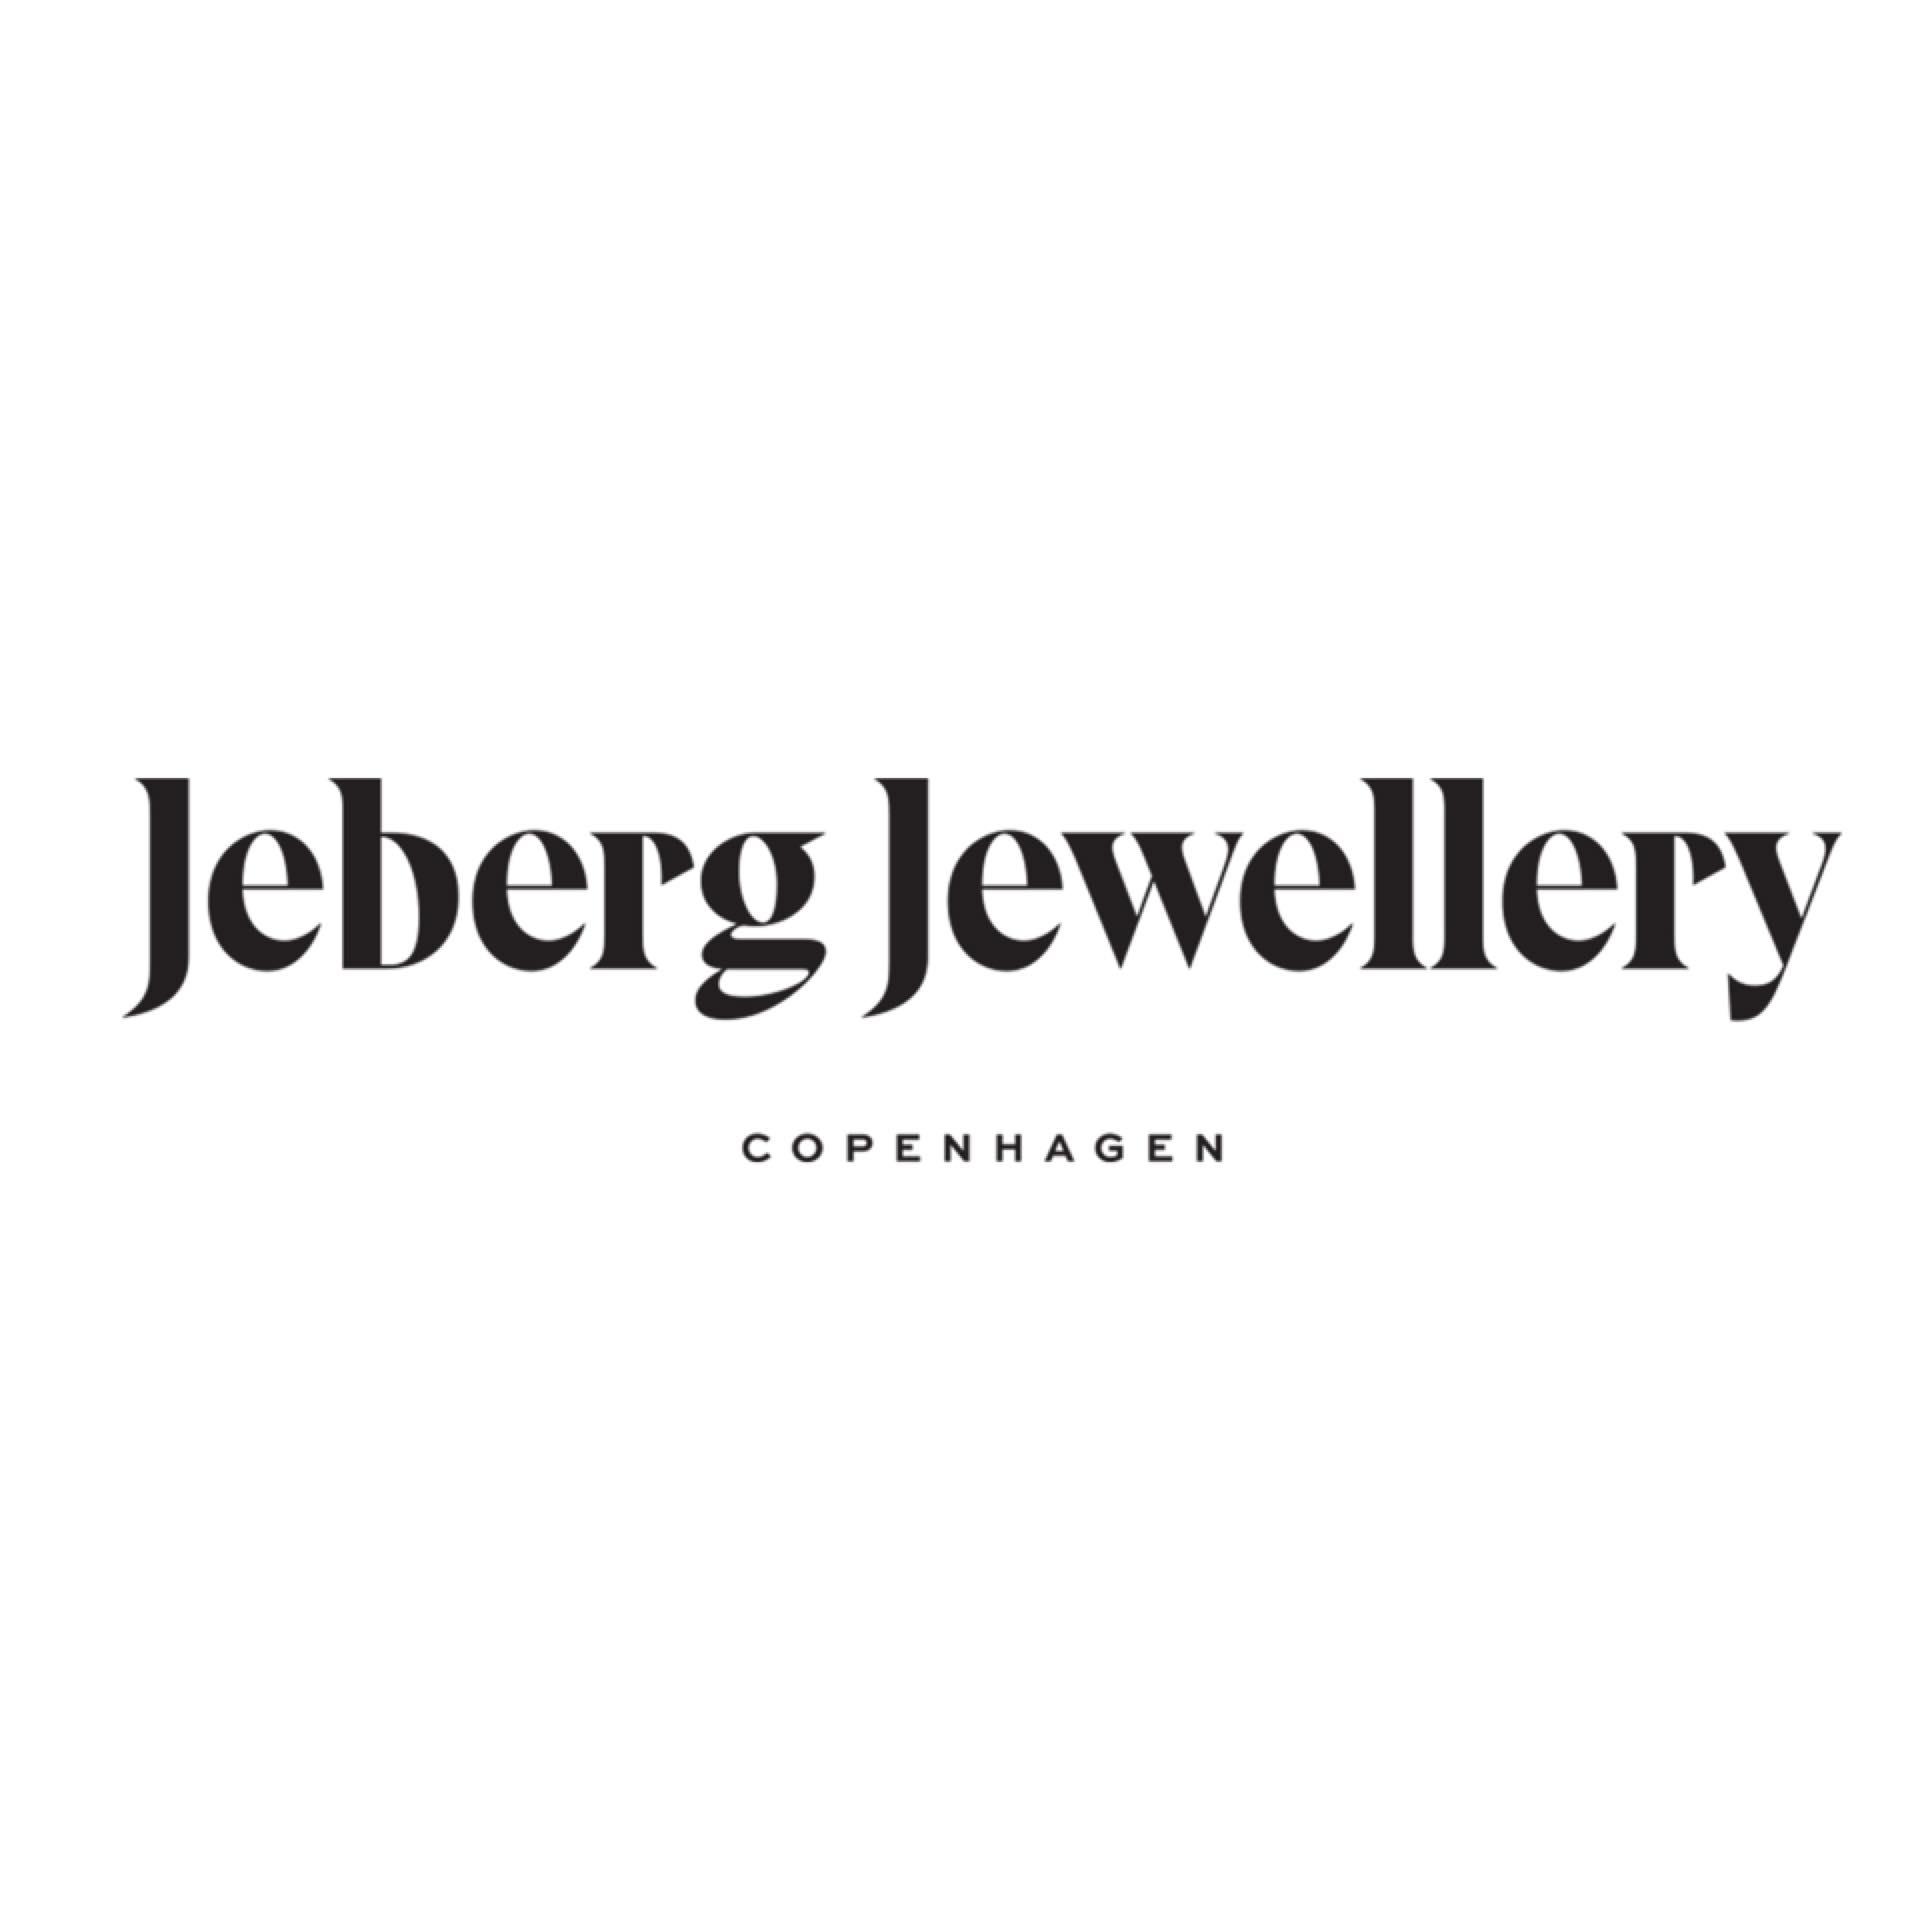 Jeberg Jewellery